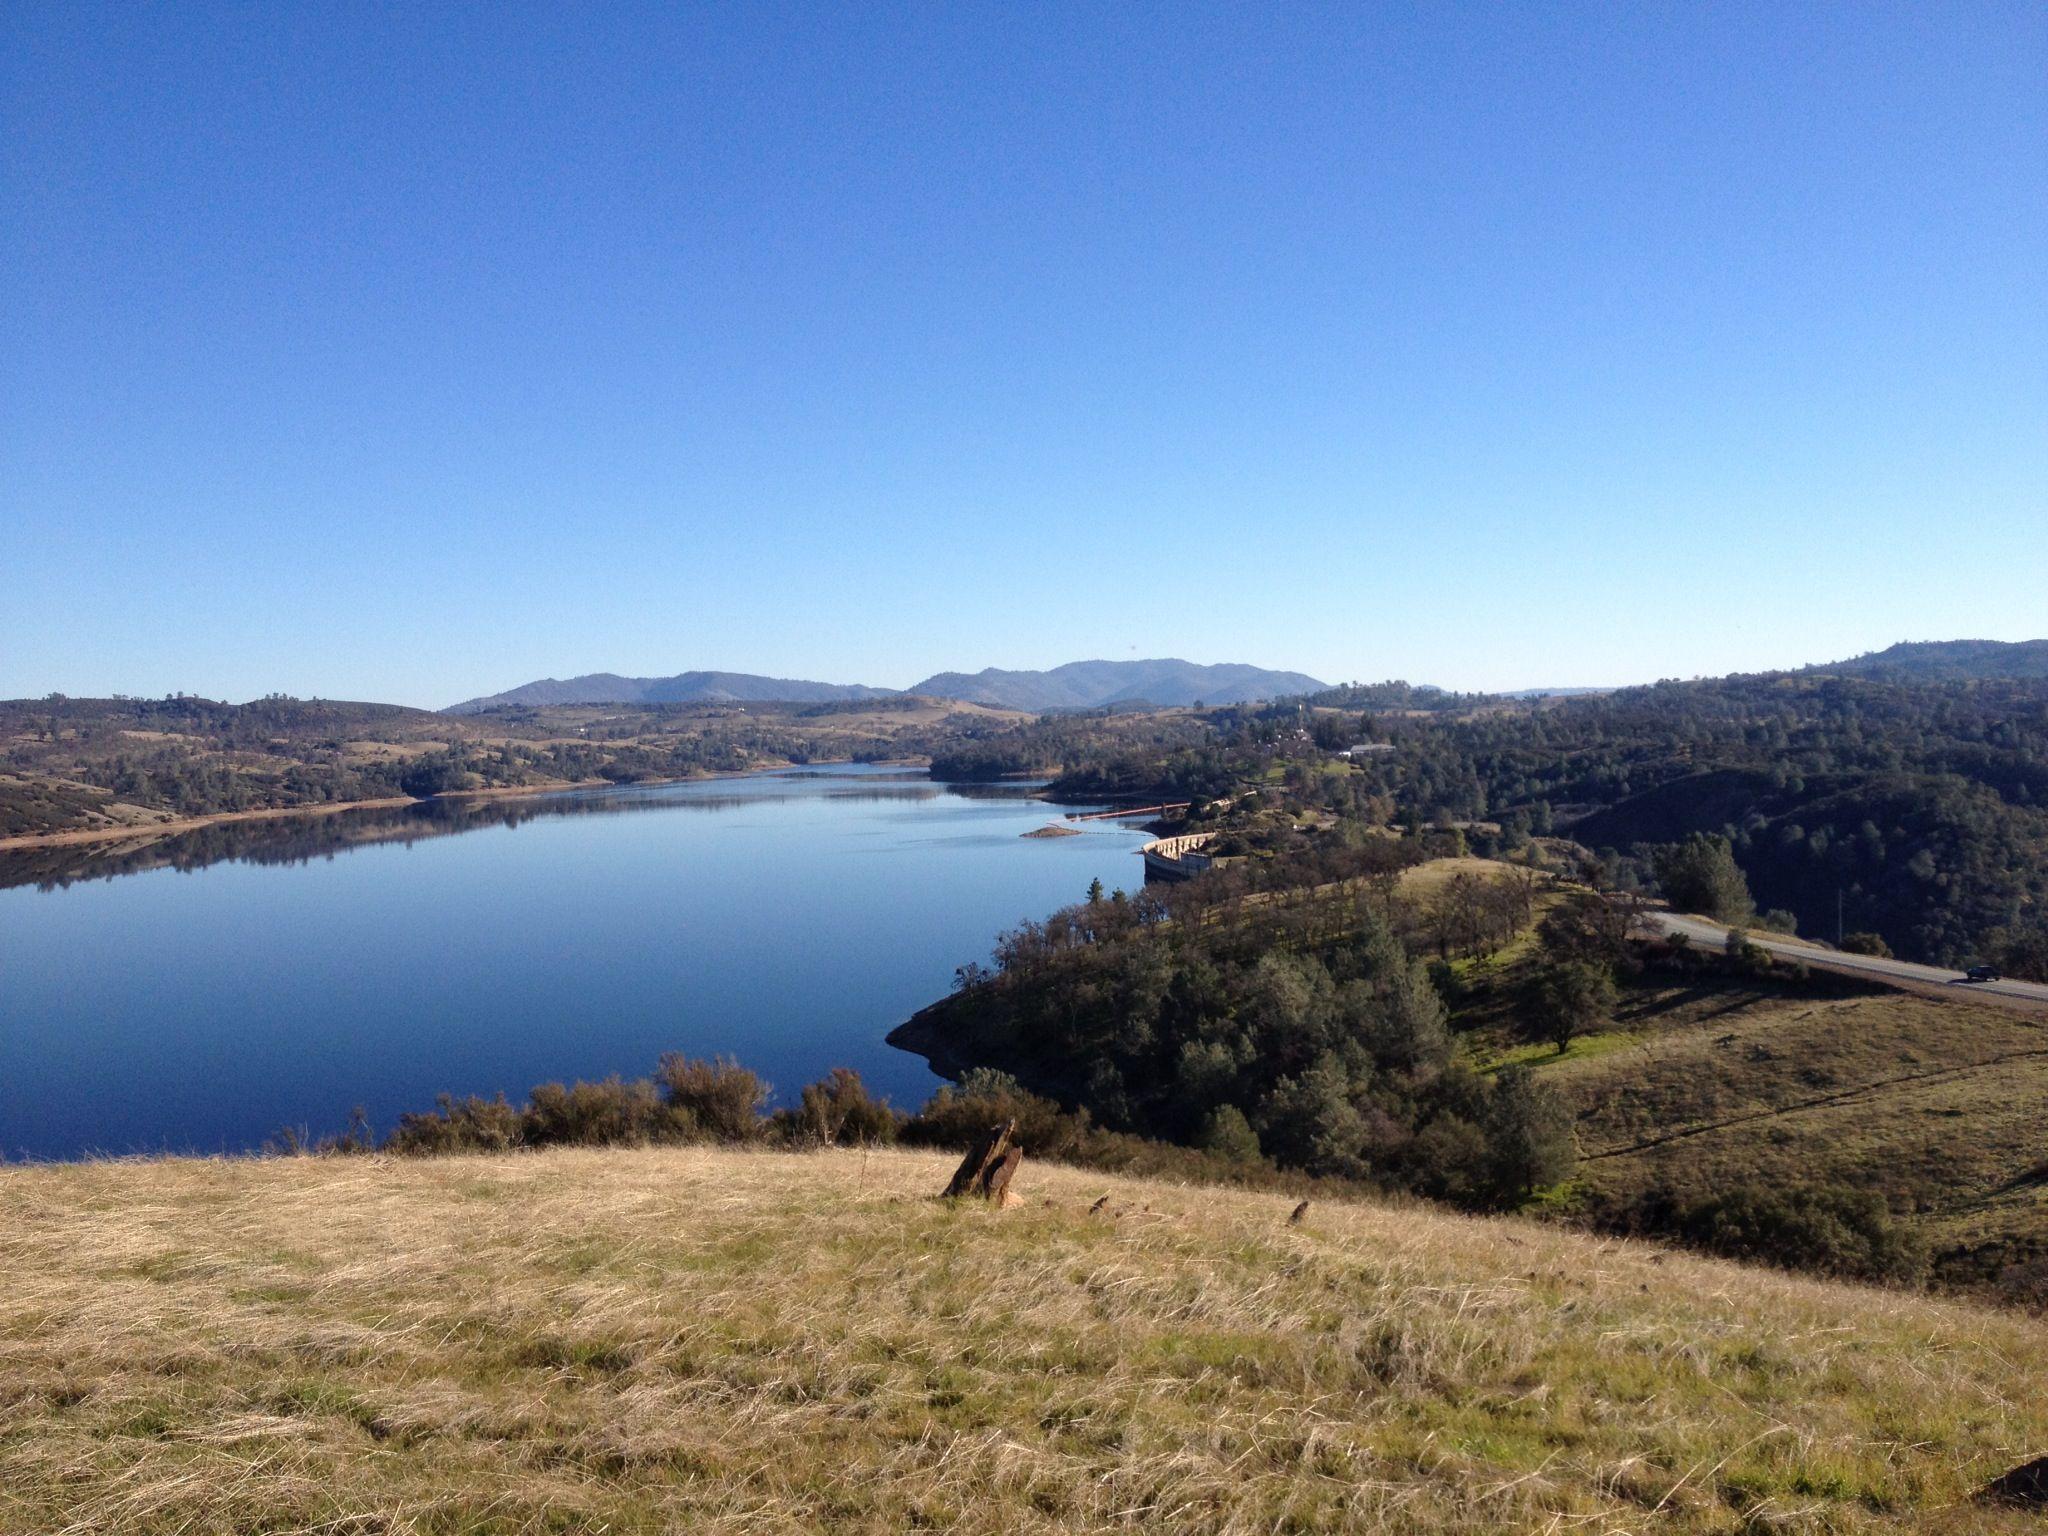 Pardee lake natural landmarks lake landmarks